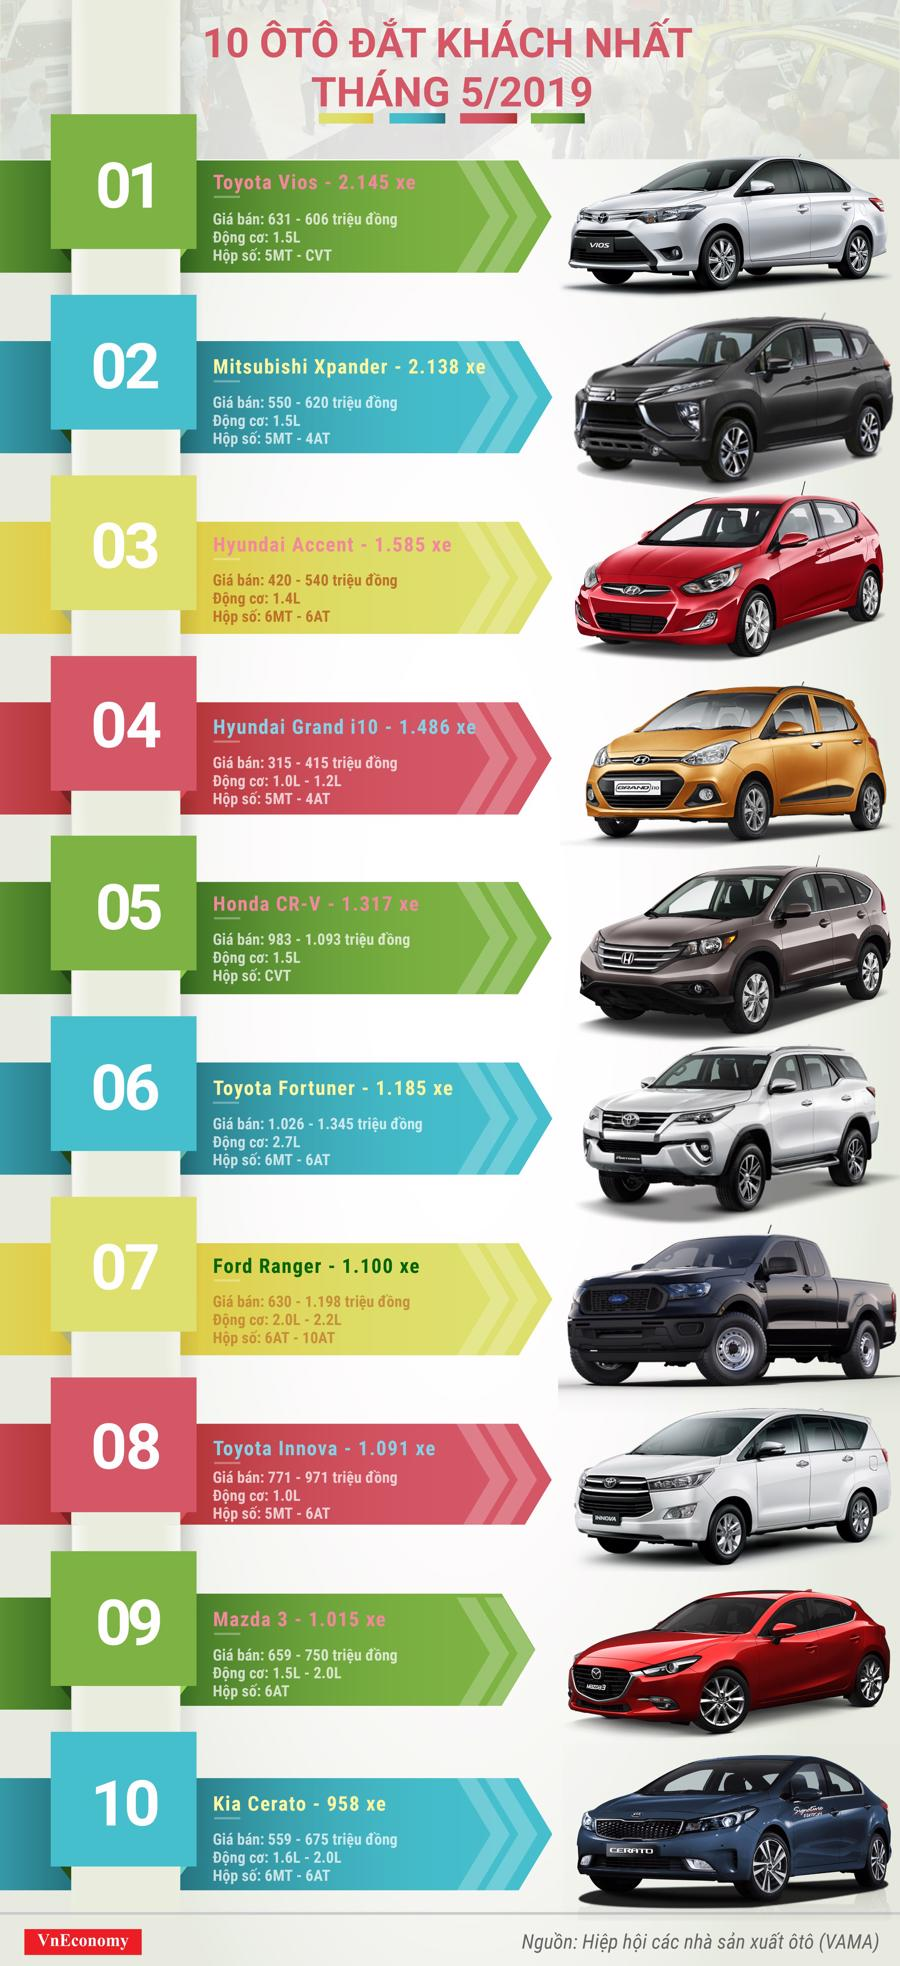 10 ôtô đắt khách nhất tháng 5/2019 - Ảnh 1.